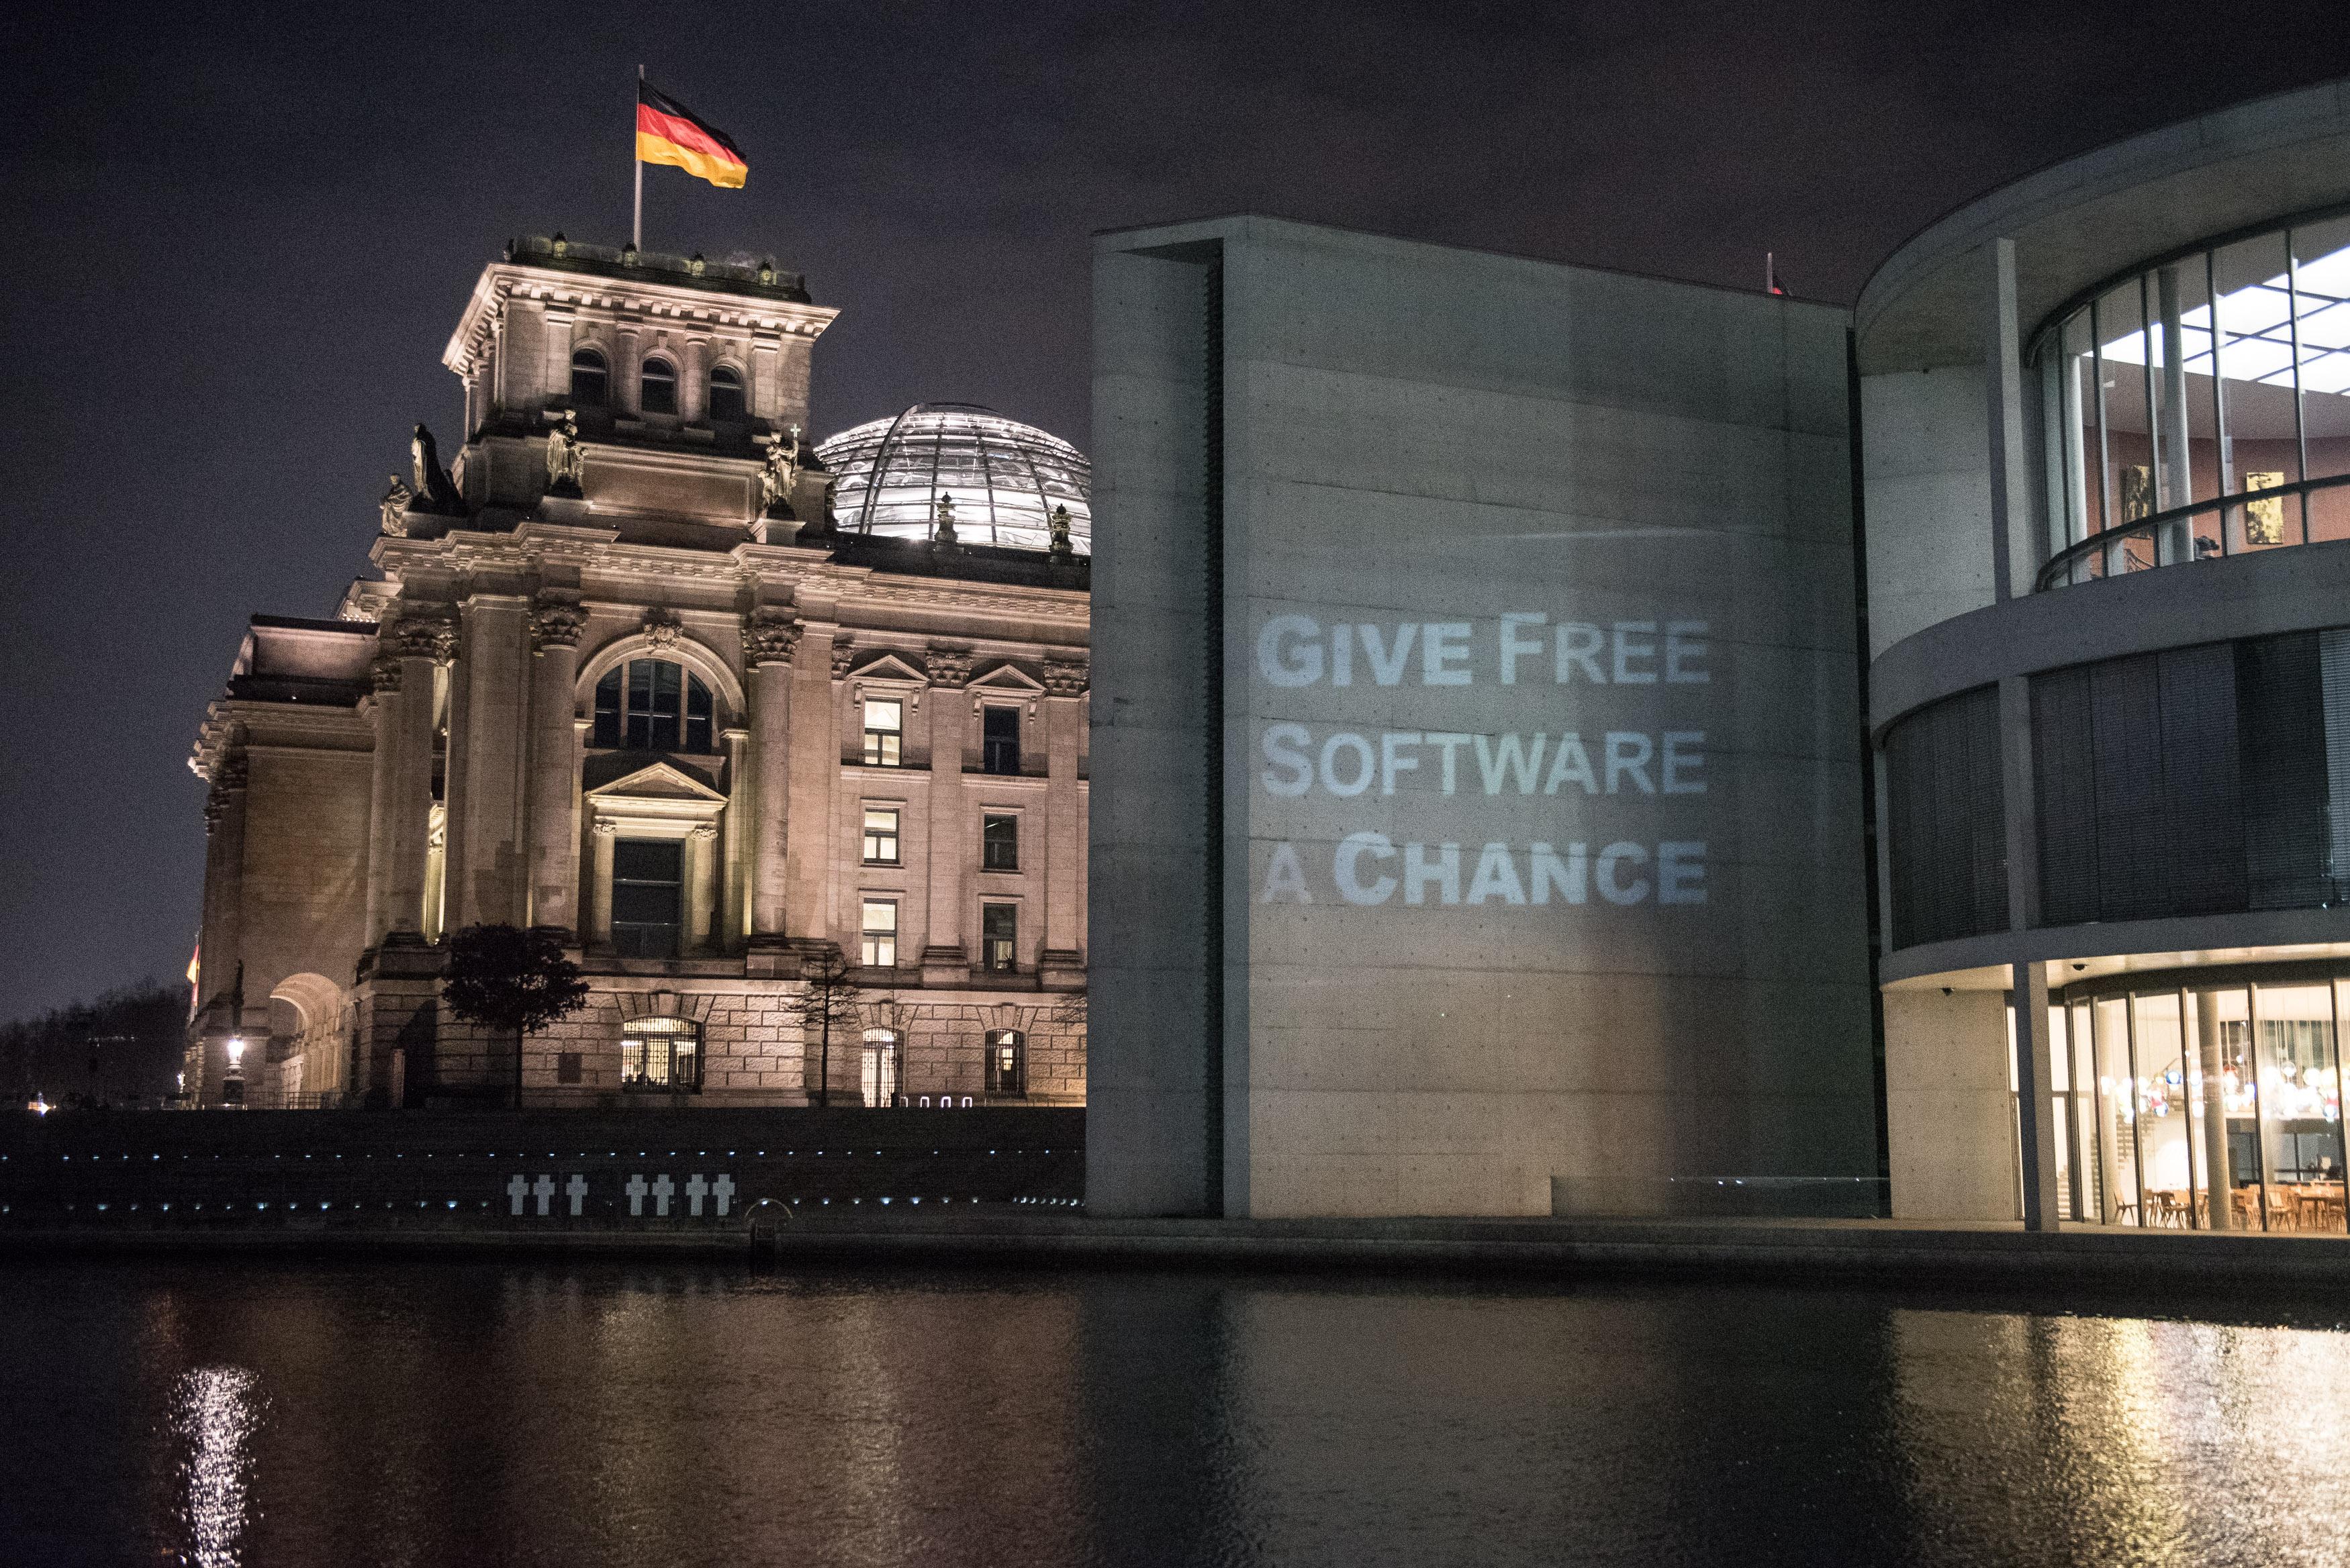 Il palazzo del Reichstag con la scritta 'Dai una chance al Software Libero' proiettata in primo piano